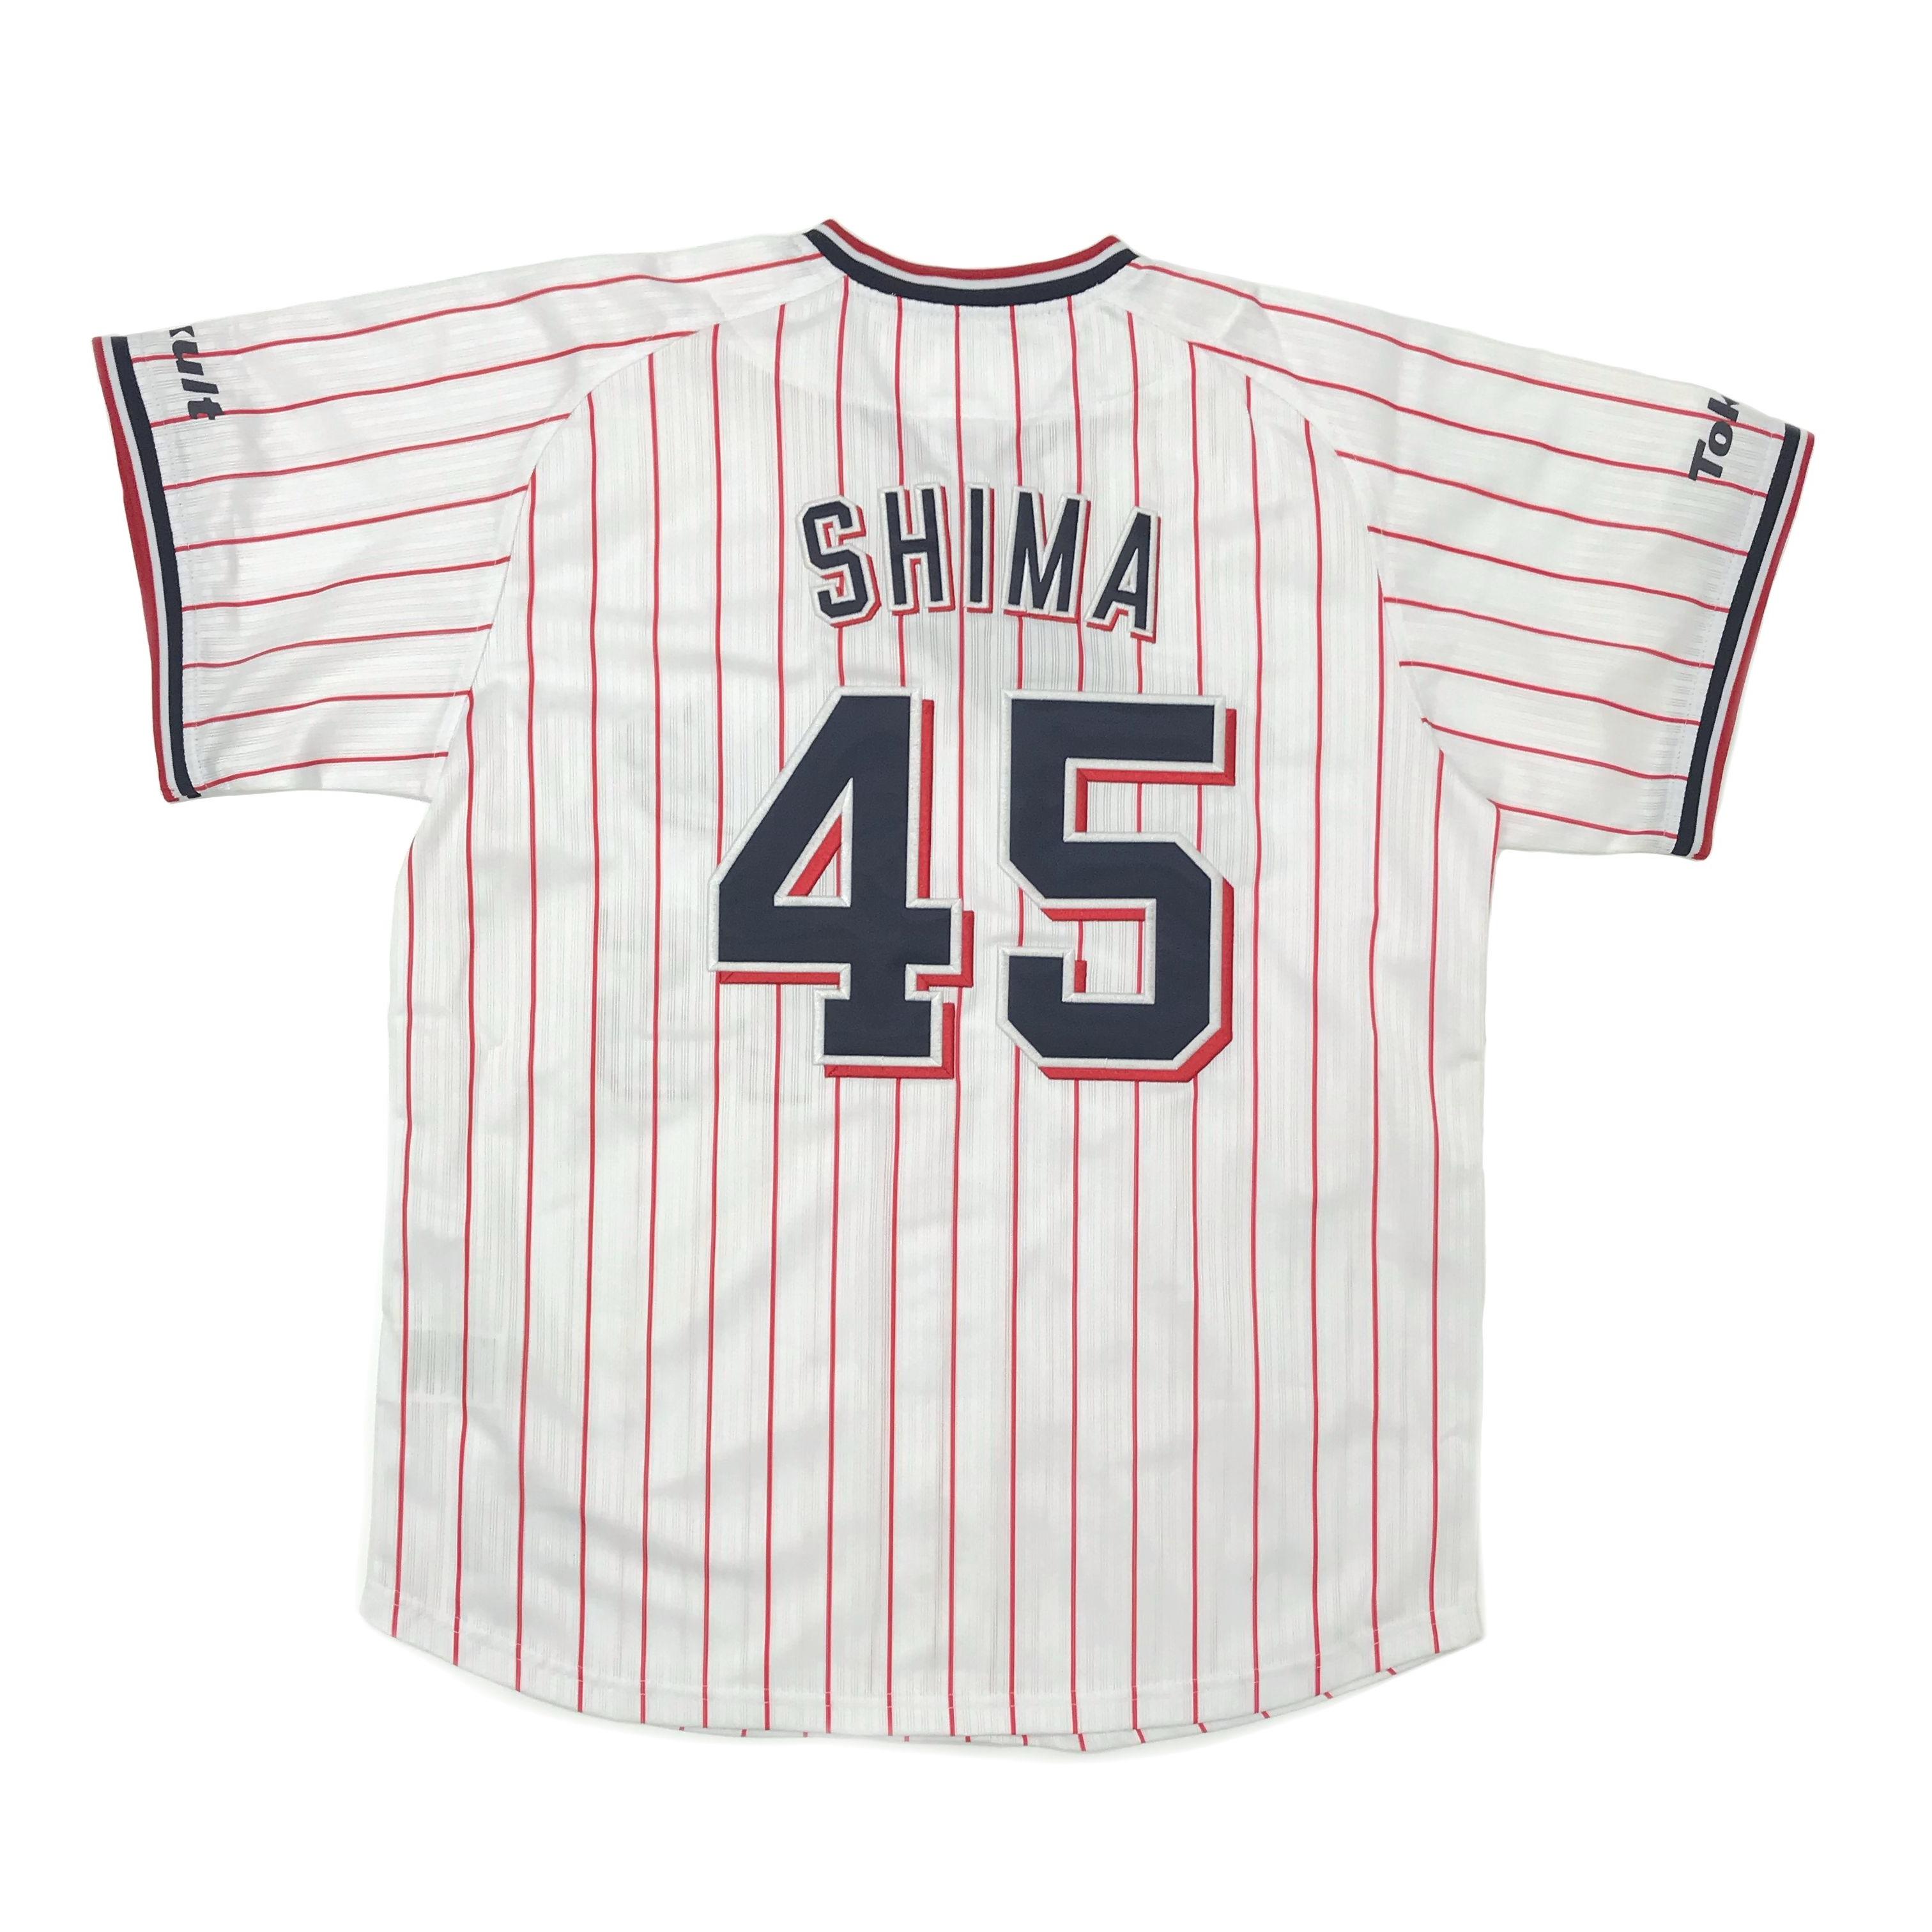 レプリカユニホーム(ホーム)45嶋 | 東京ヤクルトスワローズ ...